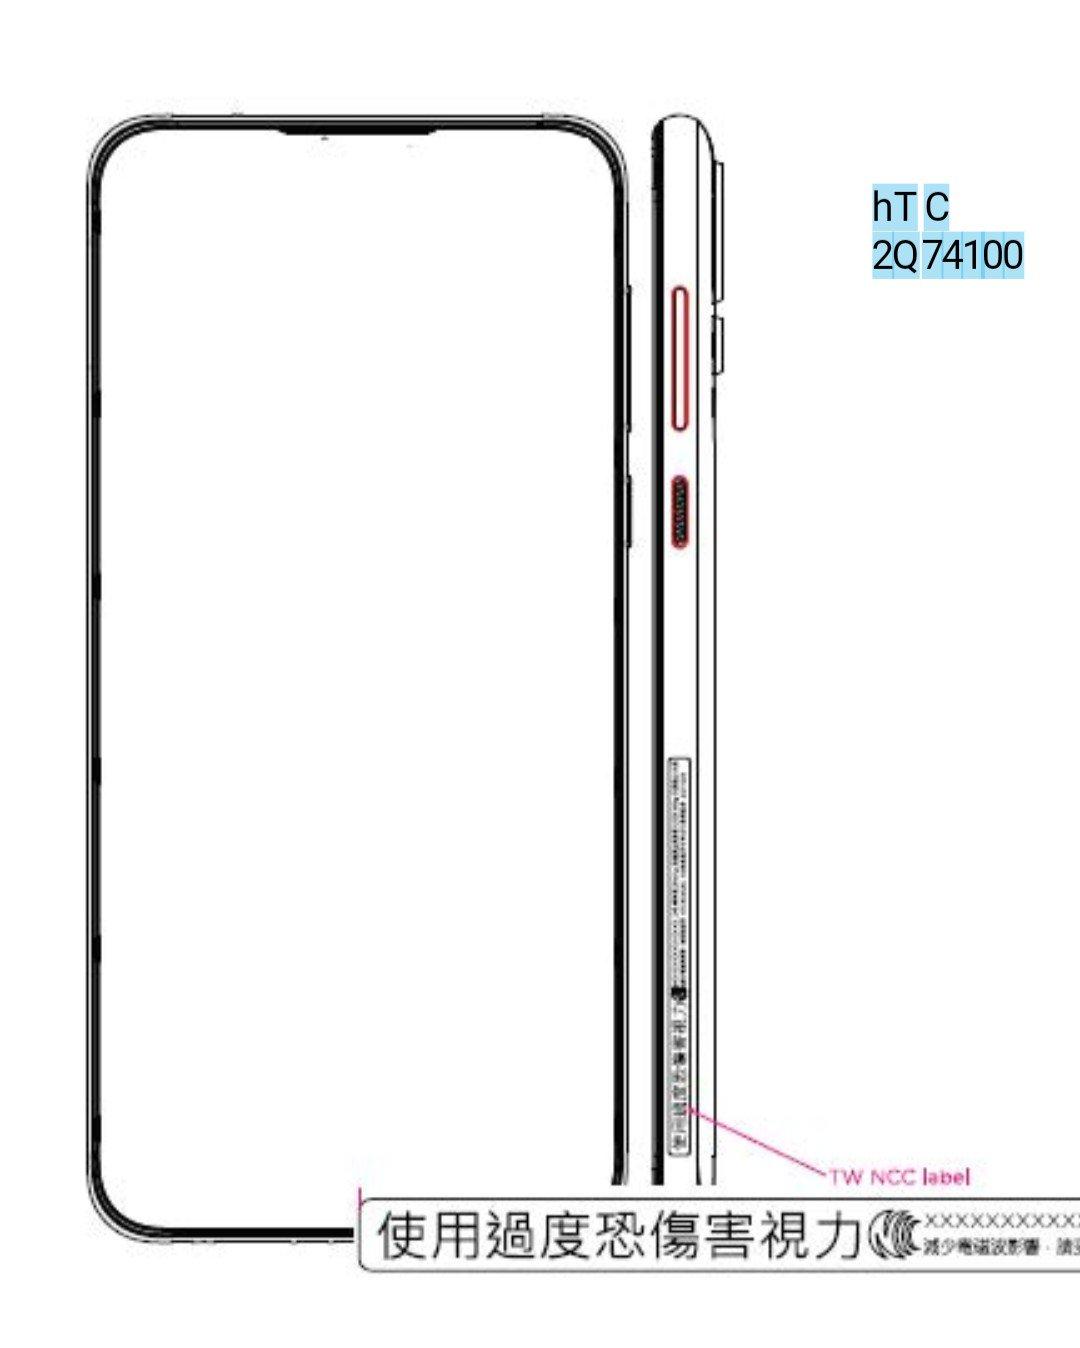 HTC U13 kan ha fastnat på bild